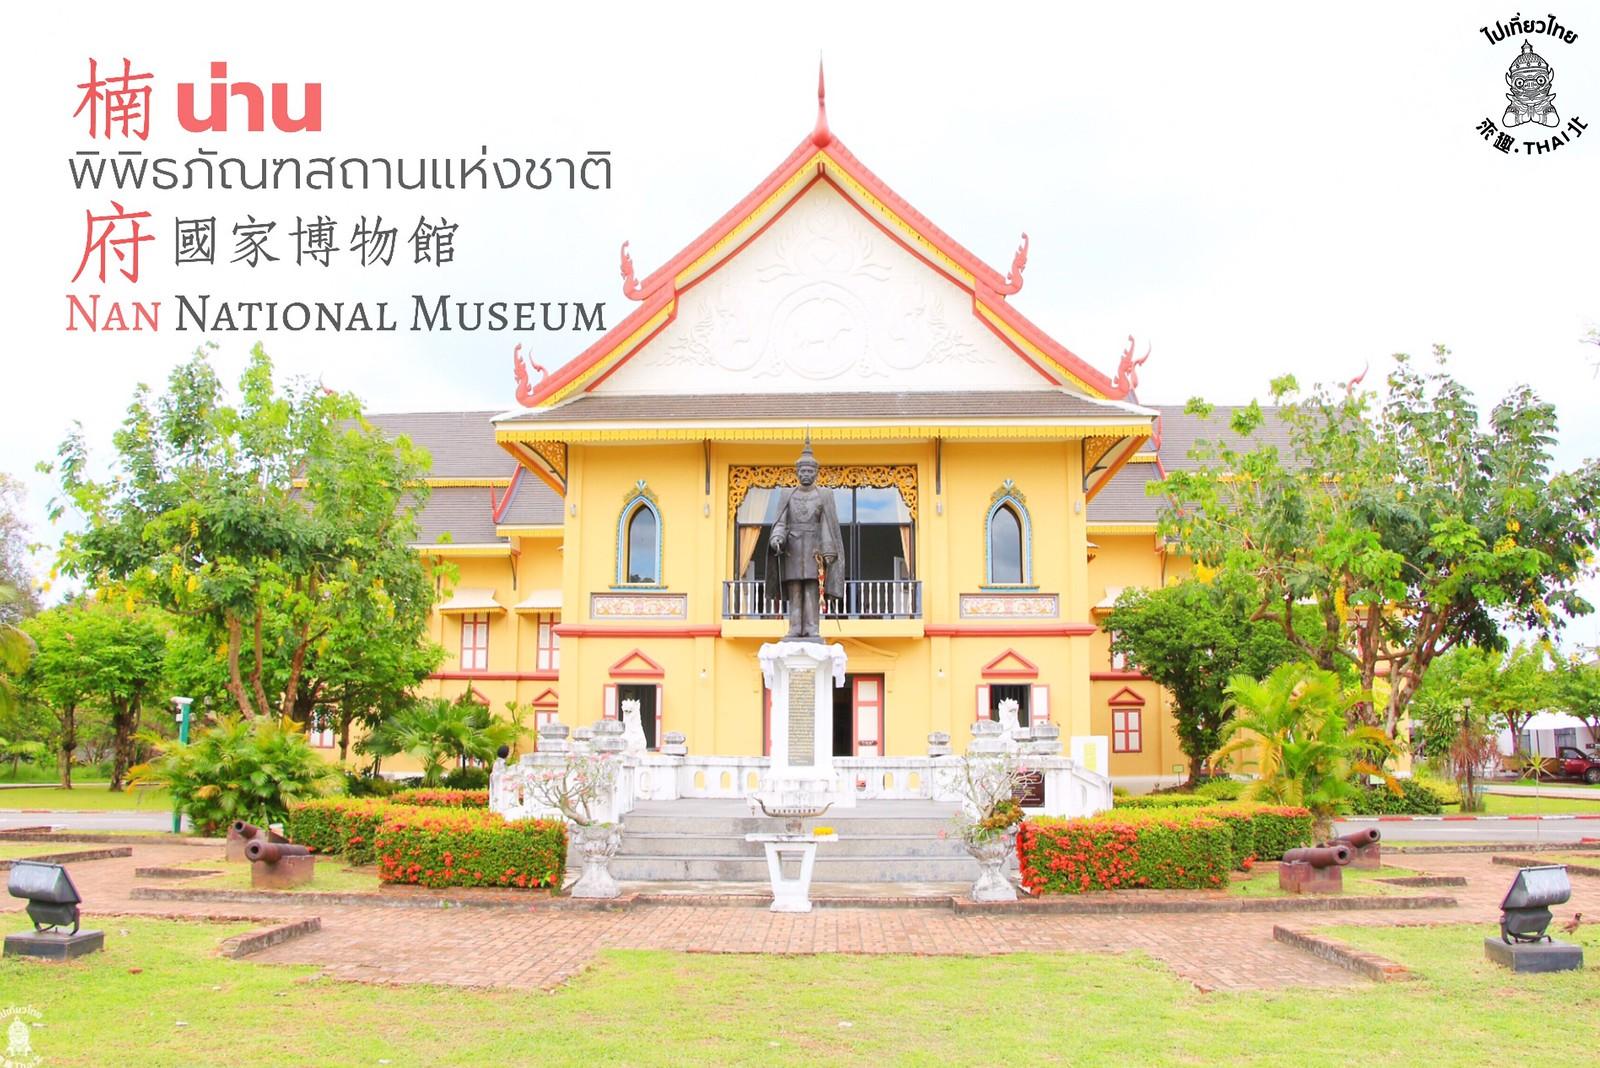 象牙見證兩國的友情-楠府國家博物館(พิพิธภัณฑสถานแห่งชาติน่าน)